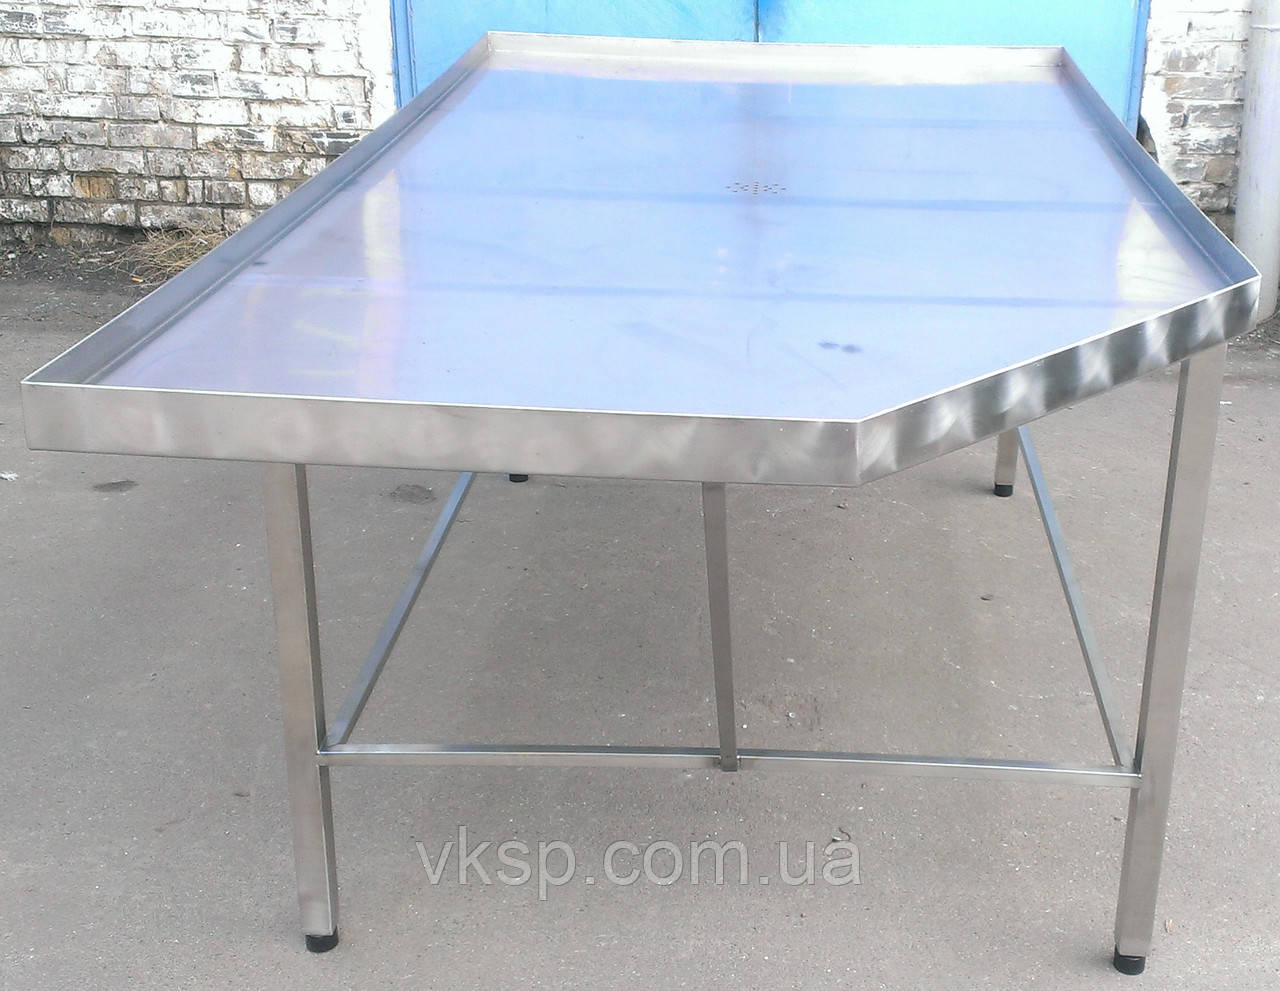 Формовочный усиленный стол 2200х1150 из нержавеющей стали